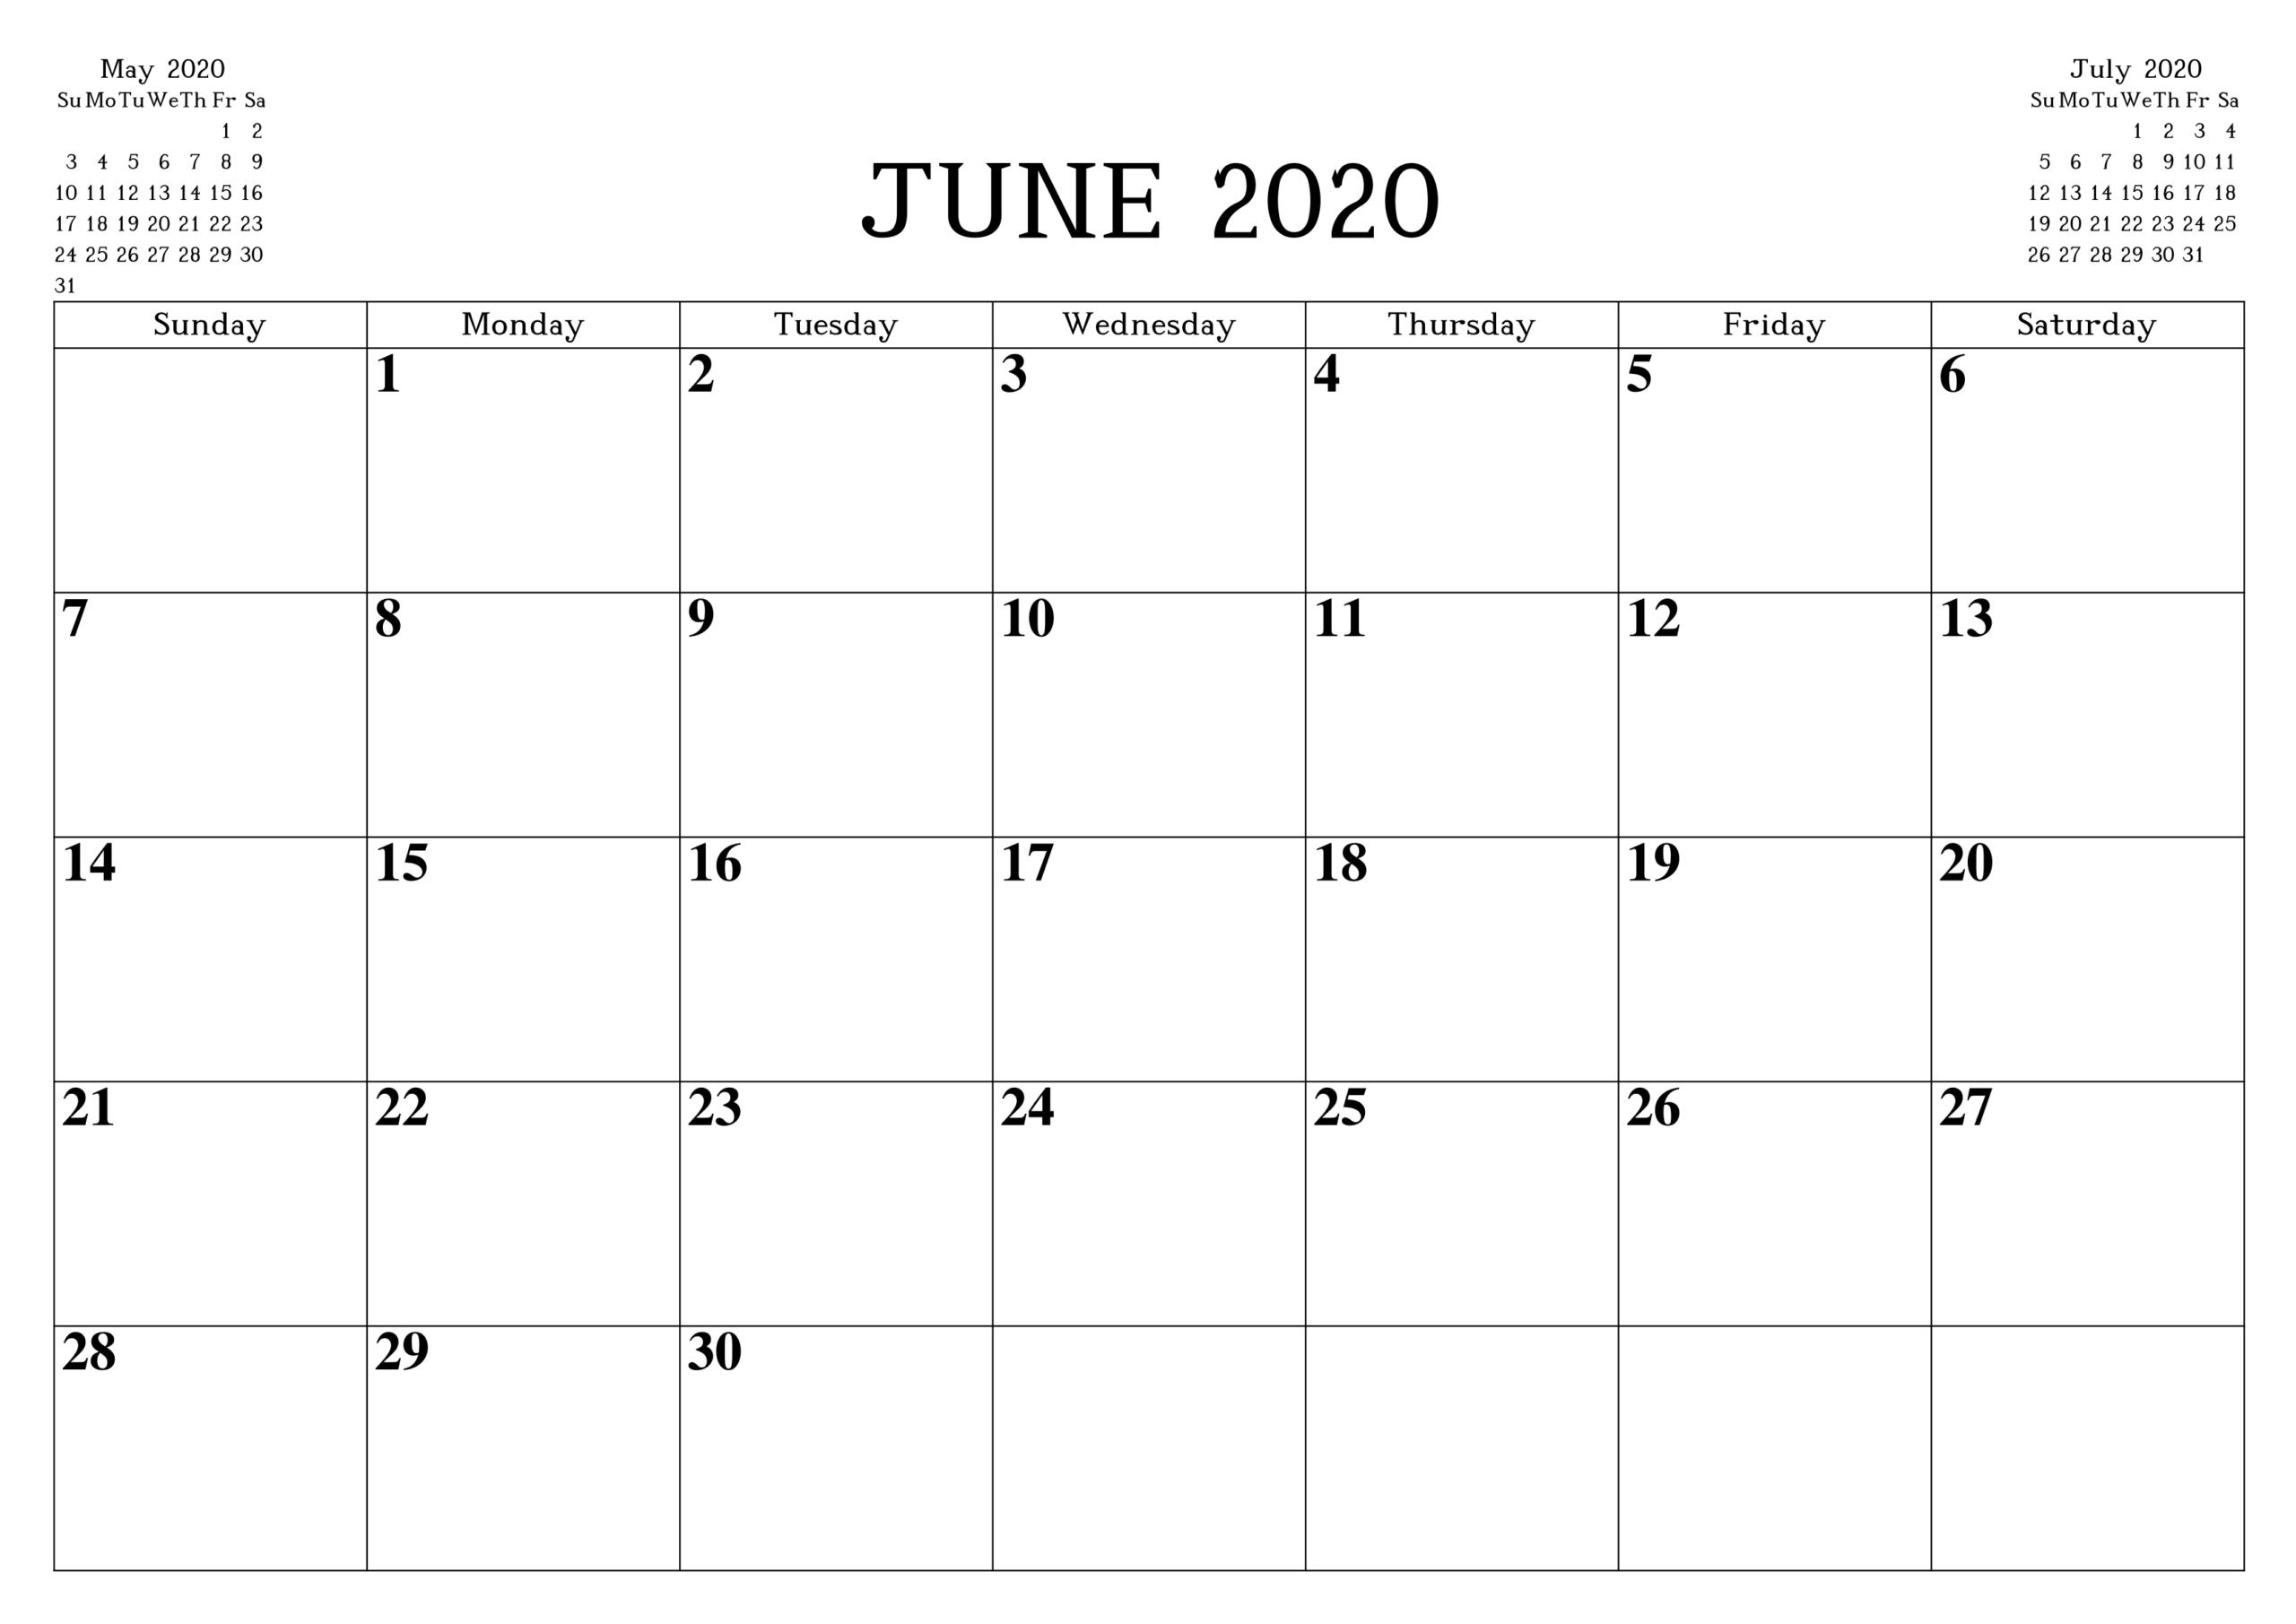 June 2020 Printable Calendar Free Waterproof - Free in Waterproof Calendar 2021